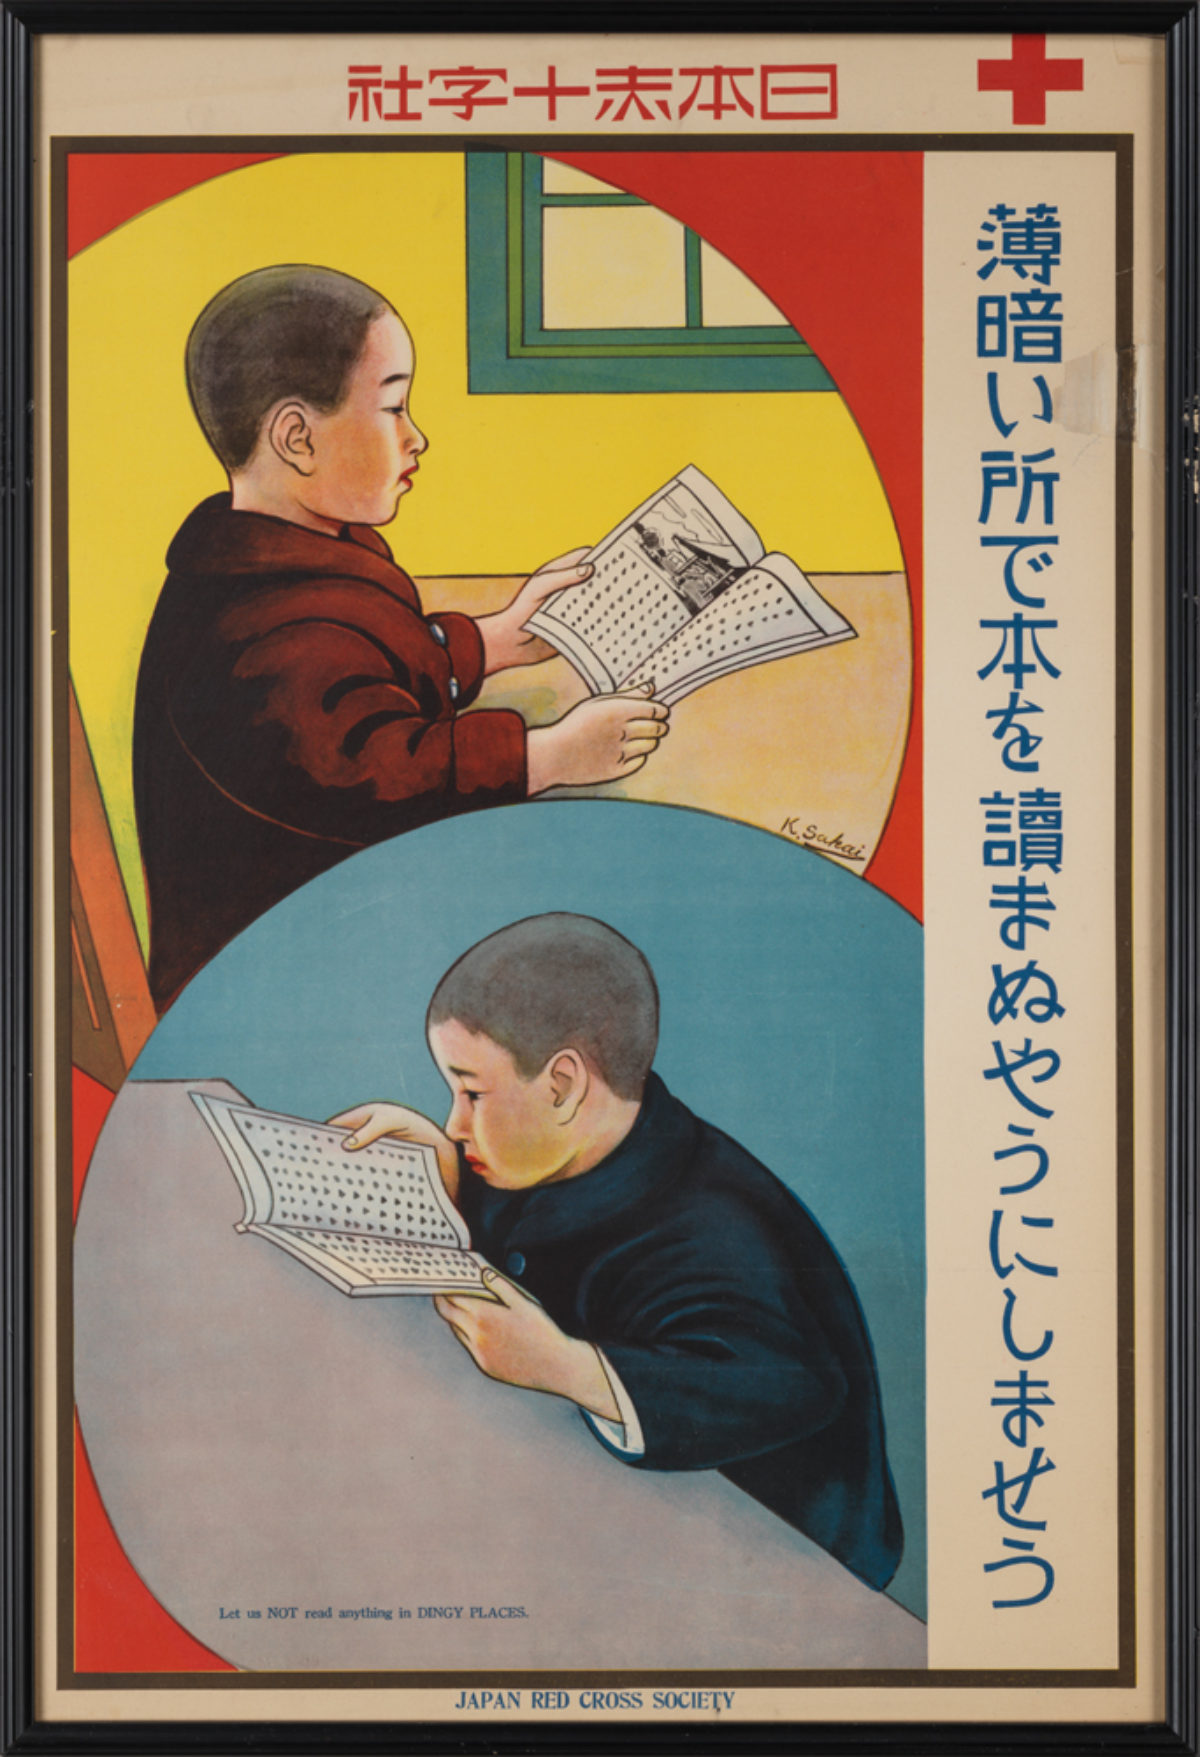 Póster de la Cruz Roja de Japón. K. Sakai (hacia 1925).